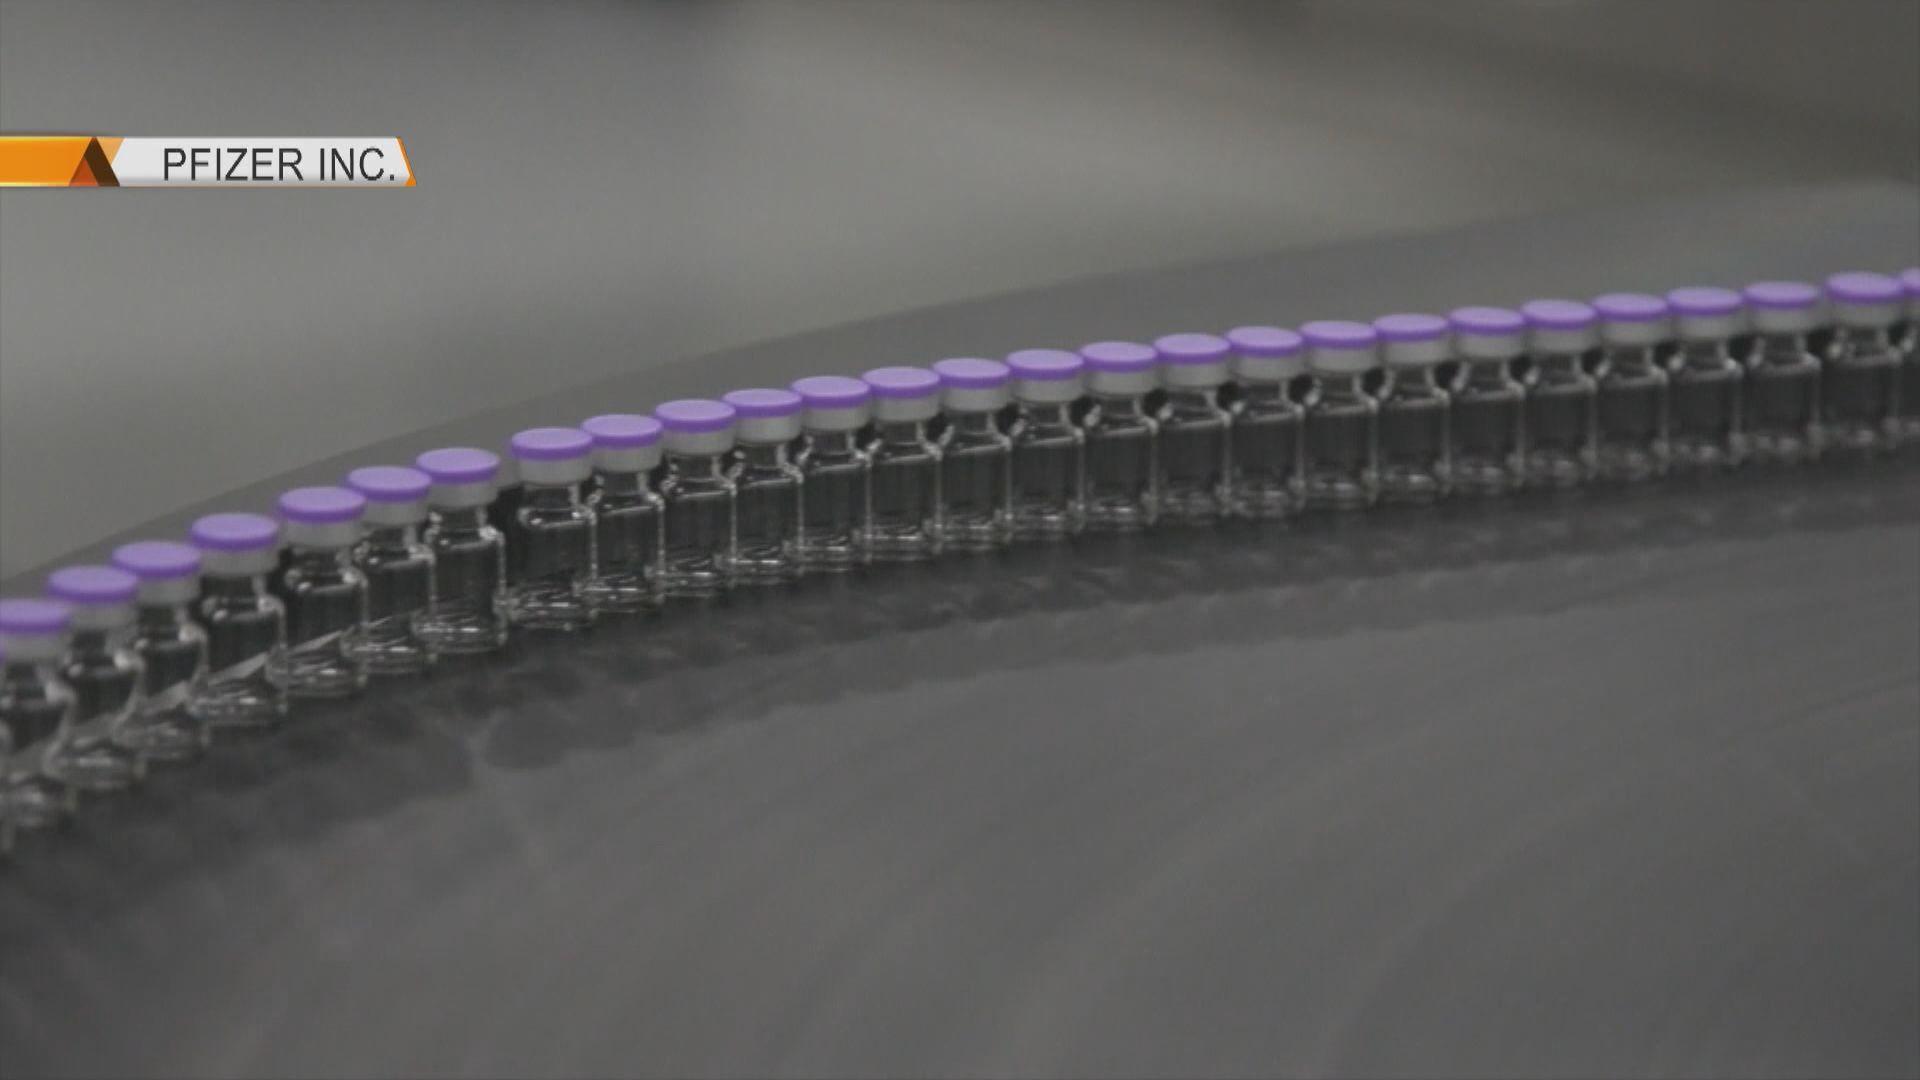 輝瑞承諾向歐盟額外供應7500萬劑新冠疫苗